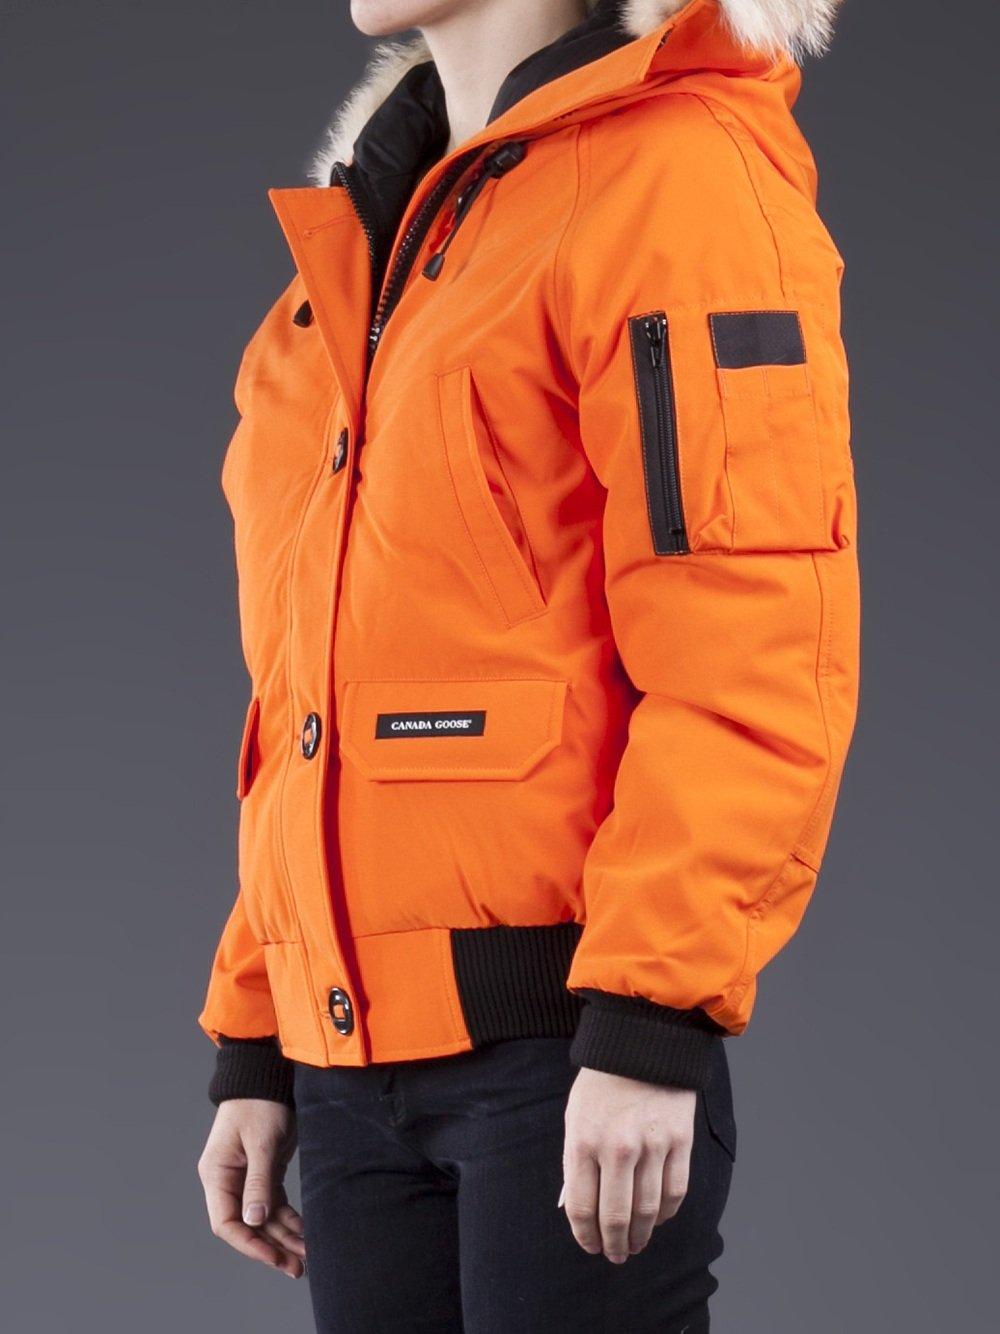 canada goose bomber orange